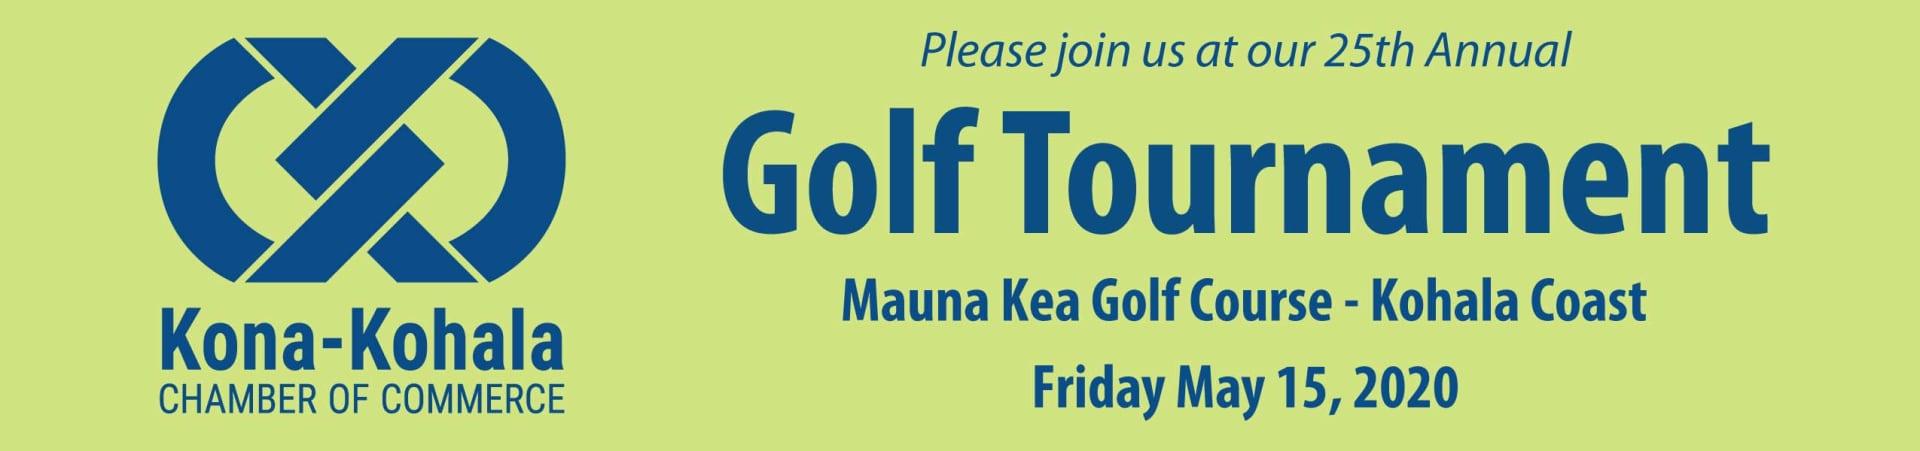 Golf-2020---Mauna-Kea-Header-w1920.jpg